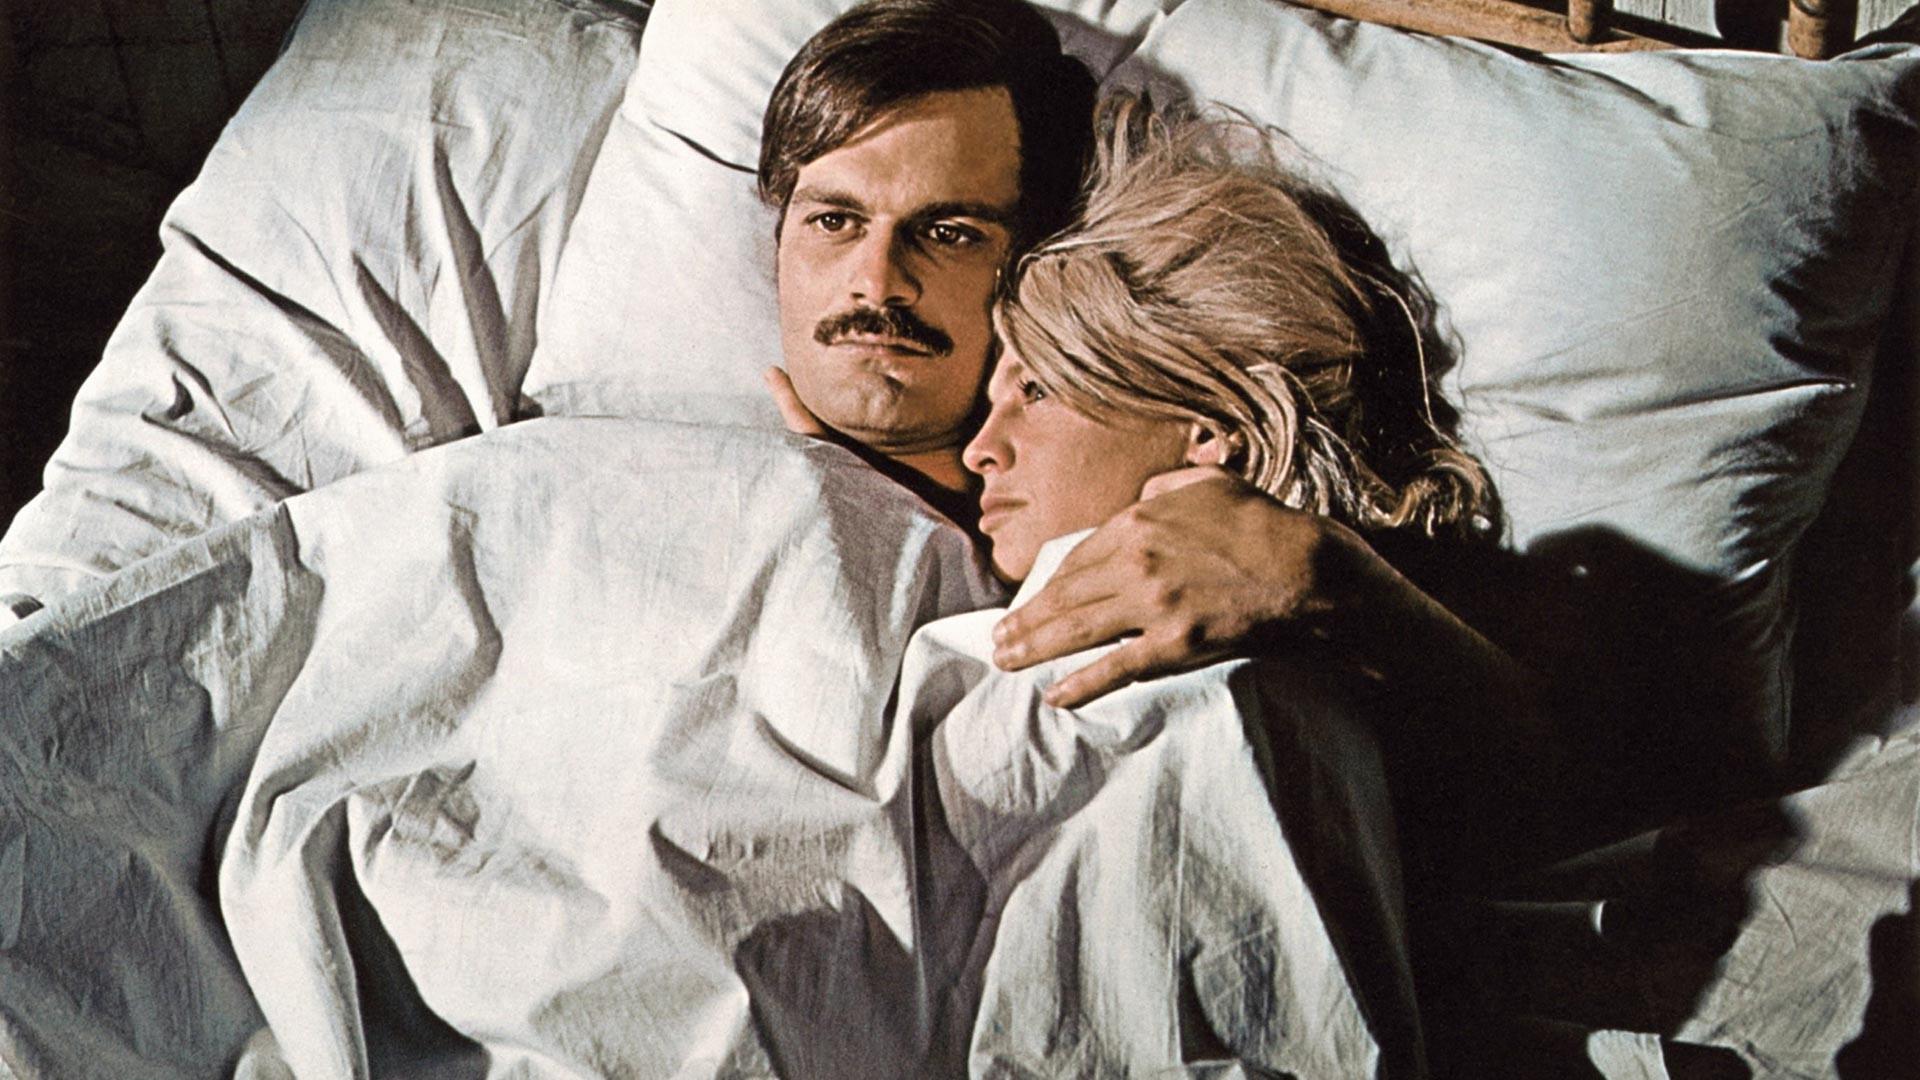 A still from 'Doctor Zhivago' starring Omar Sharif